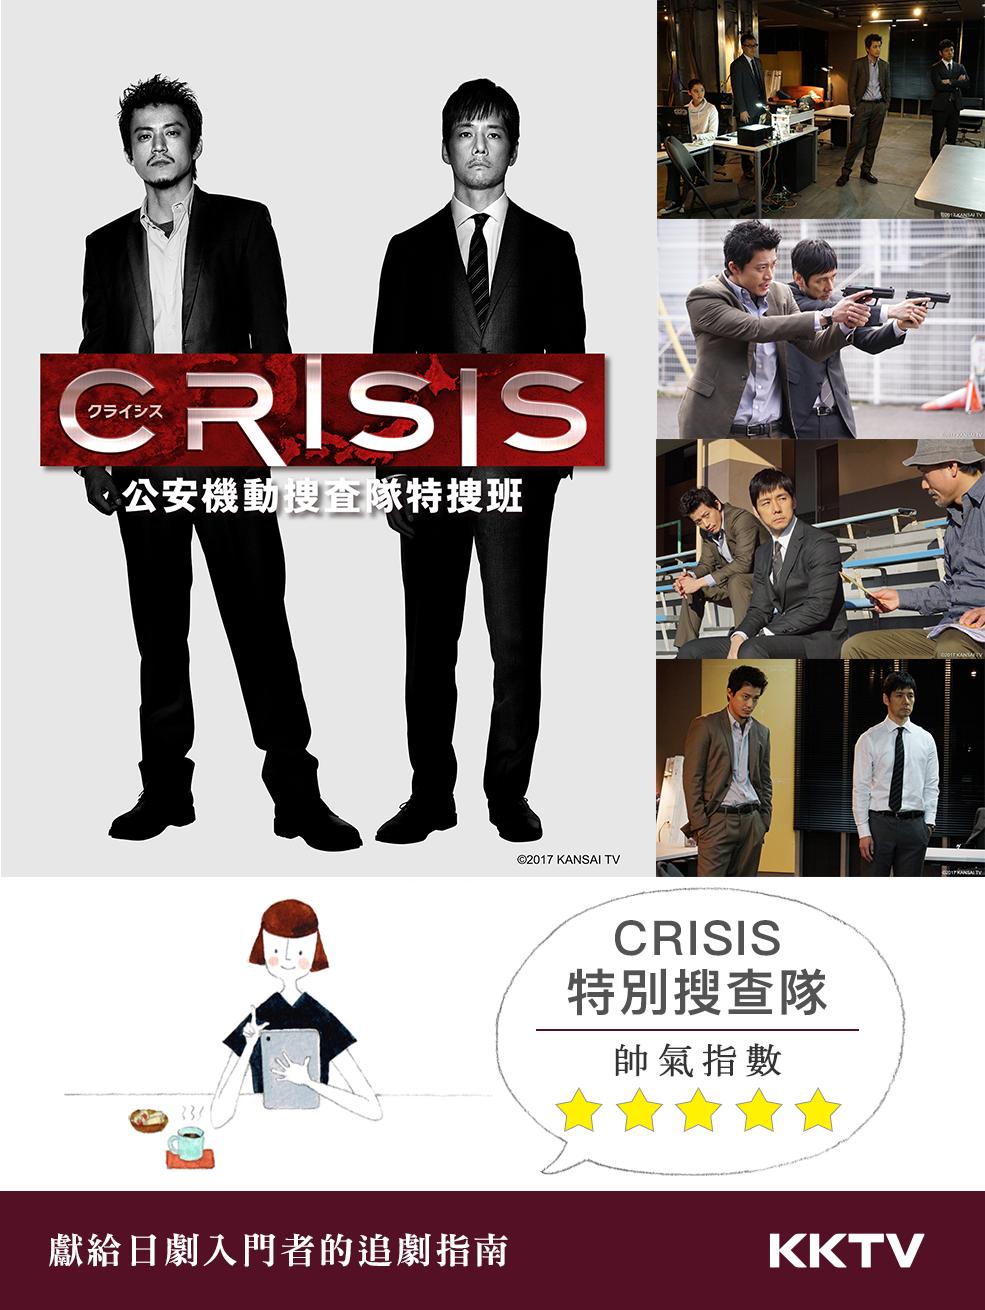 主題片單_CRISIS.png